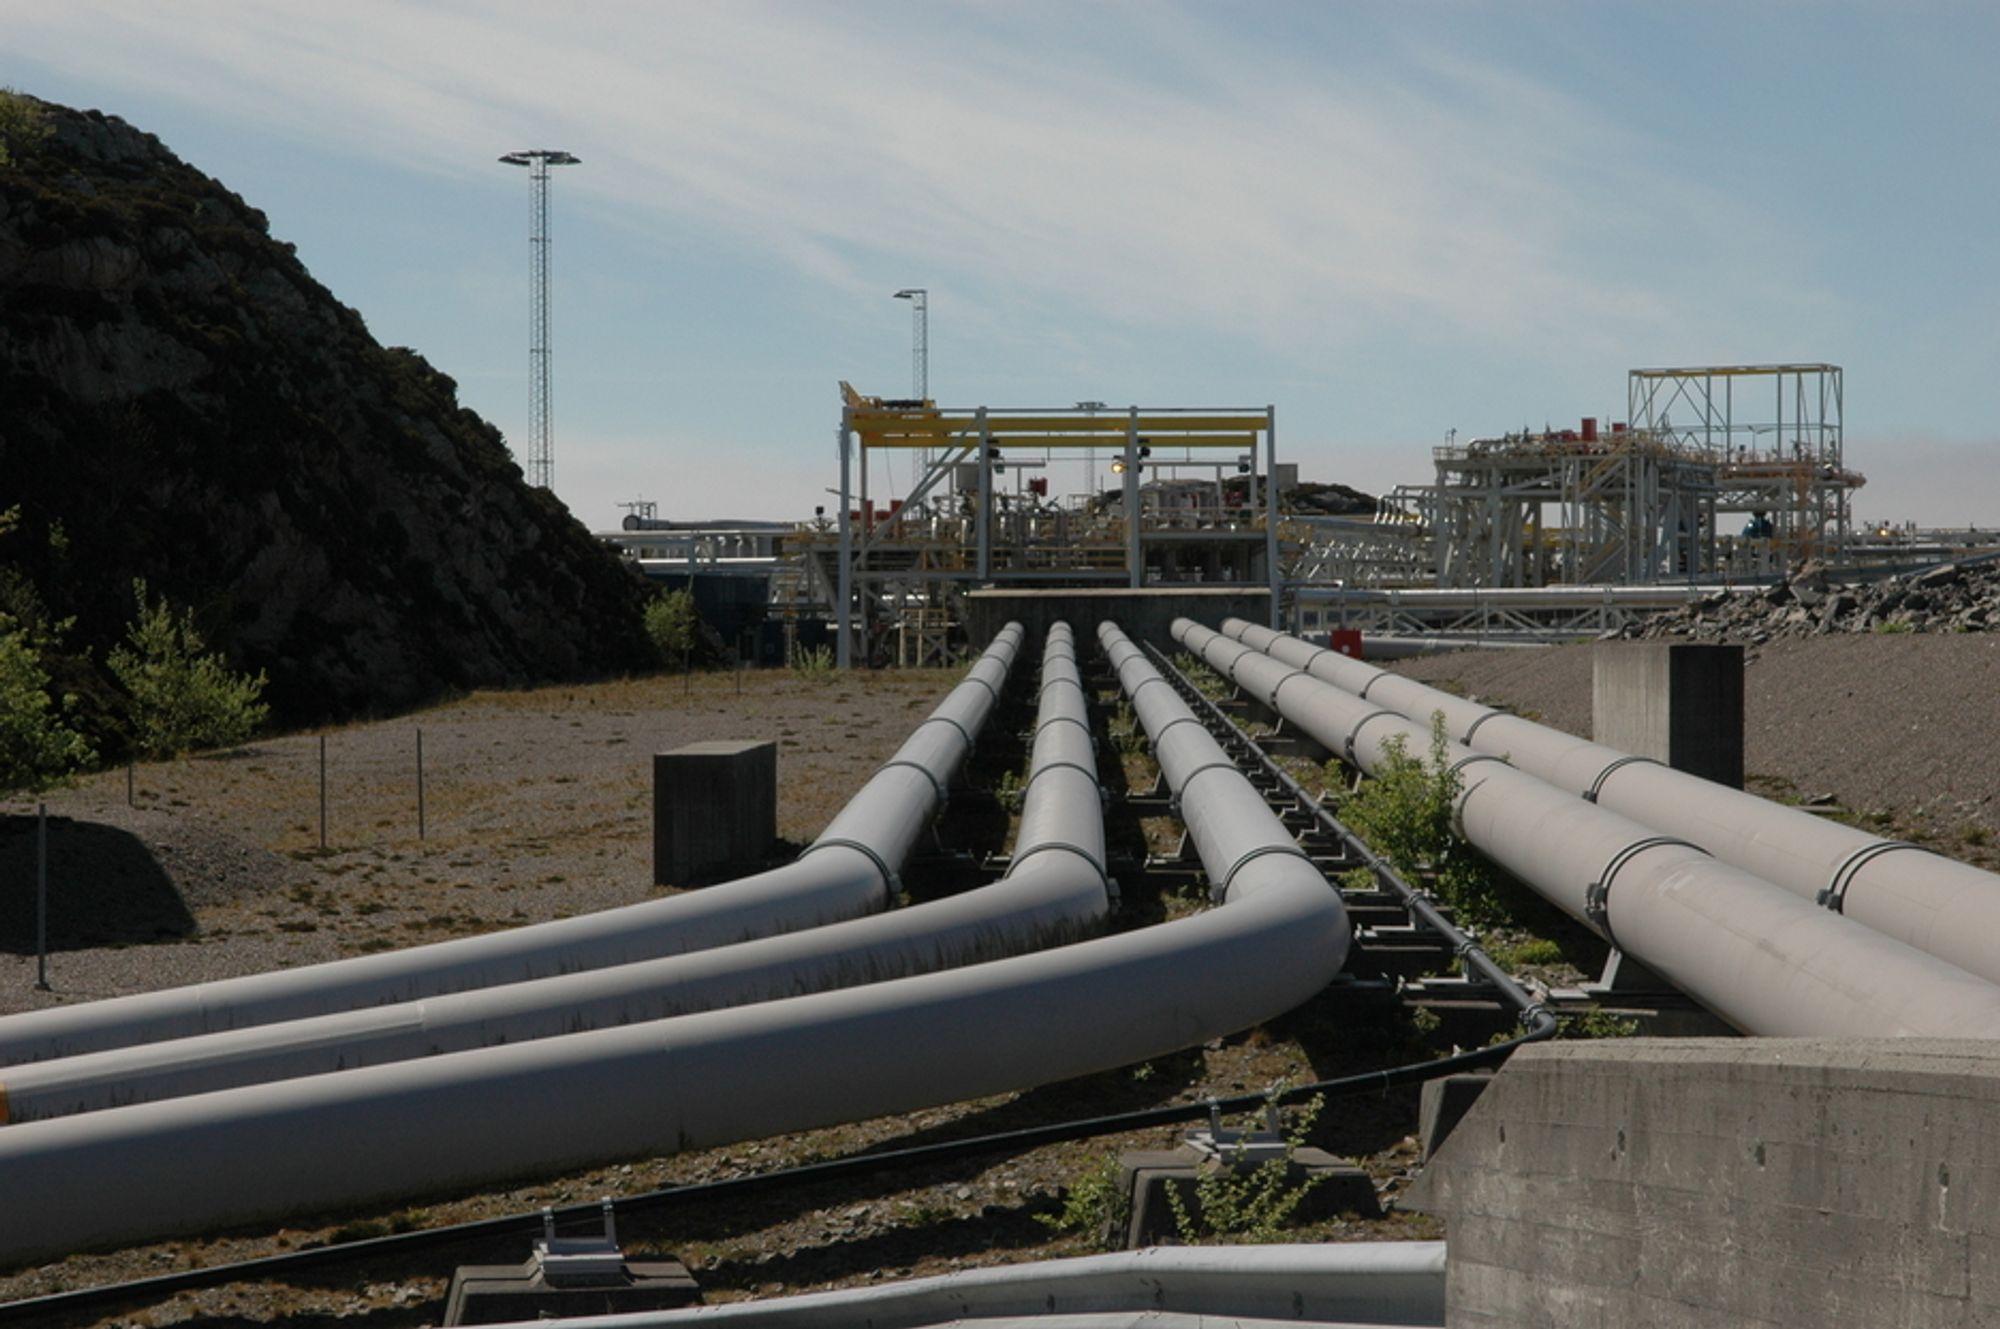 Norges gassprodukjson vil falle kraftig etter 2020. Brtiisk professor er bekymret for forsyningen.